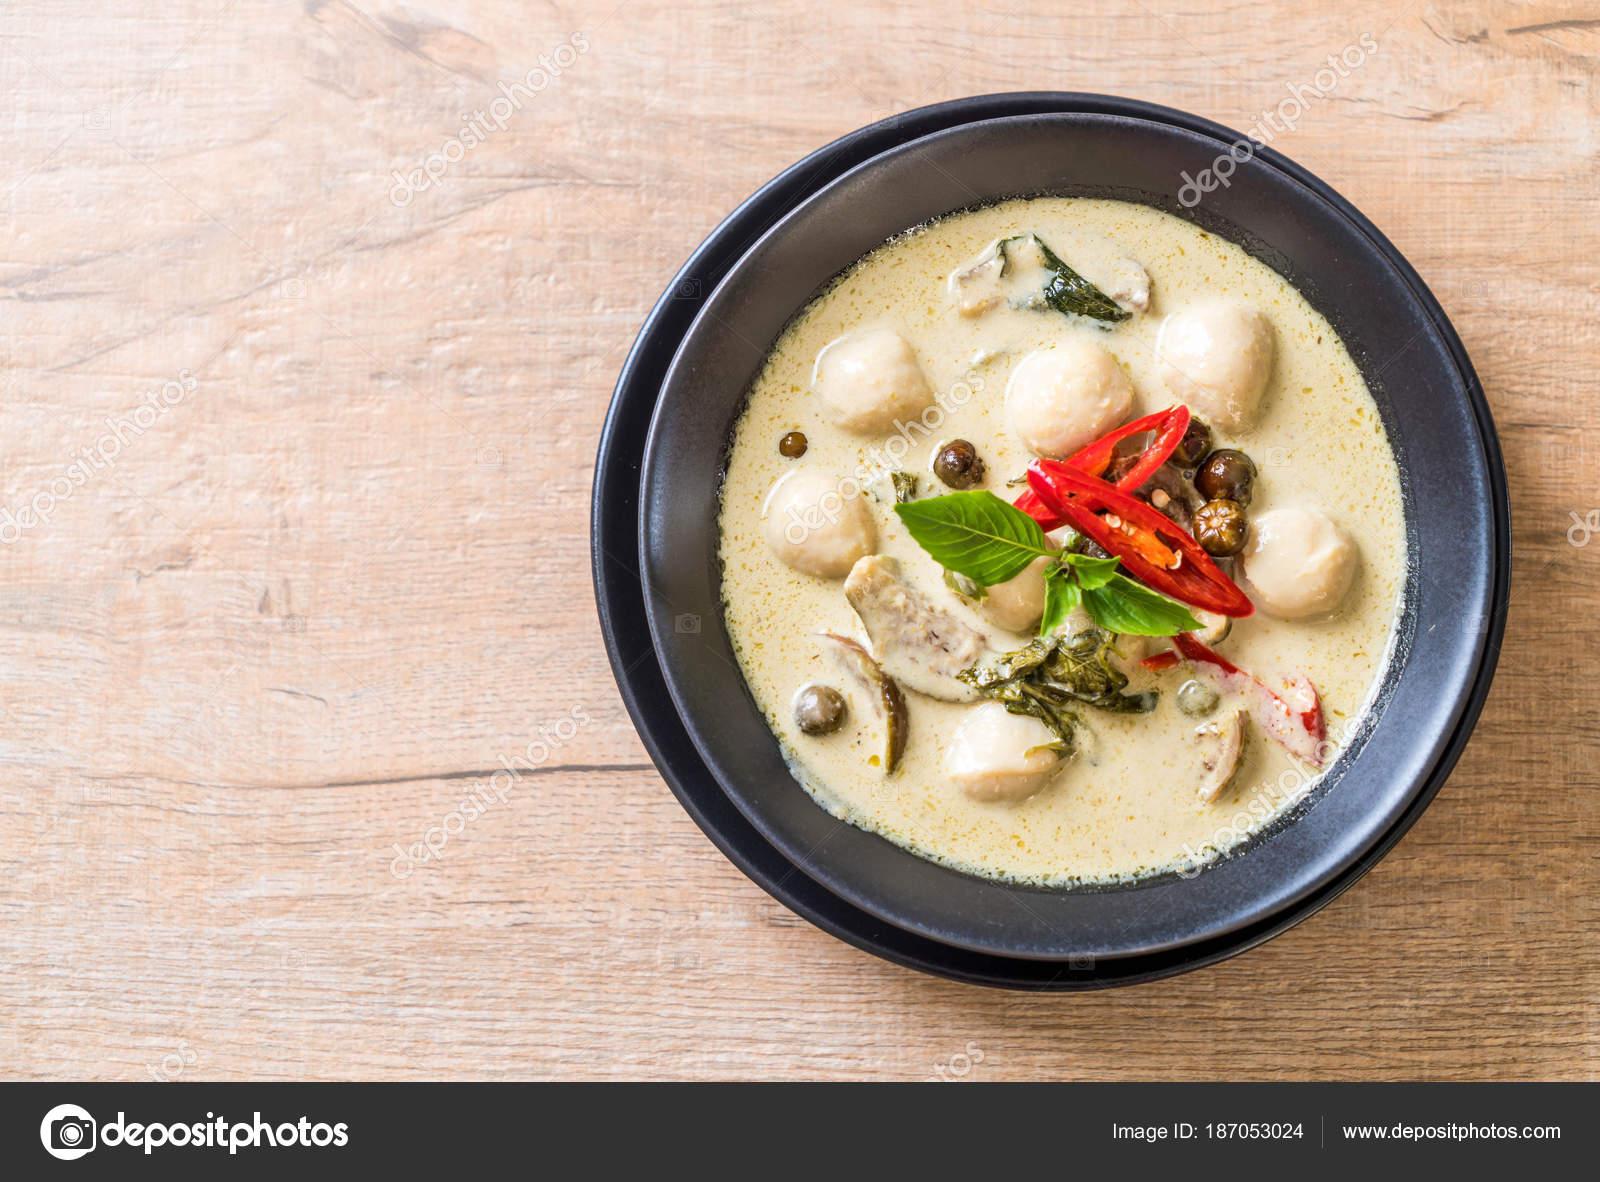 Zielone Curry Z Ryb Pilka Zdjecie Stockowe C Topntp 187053024